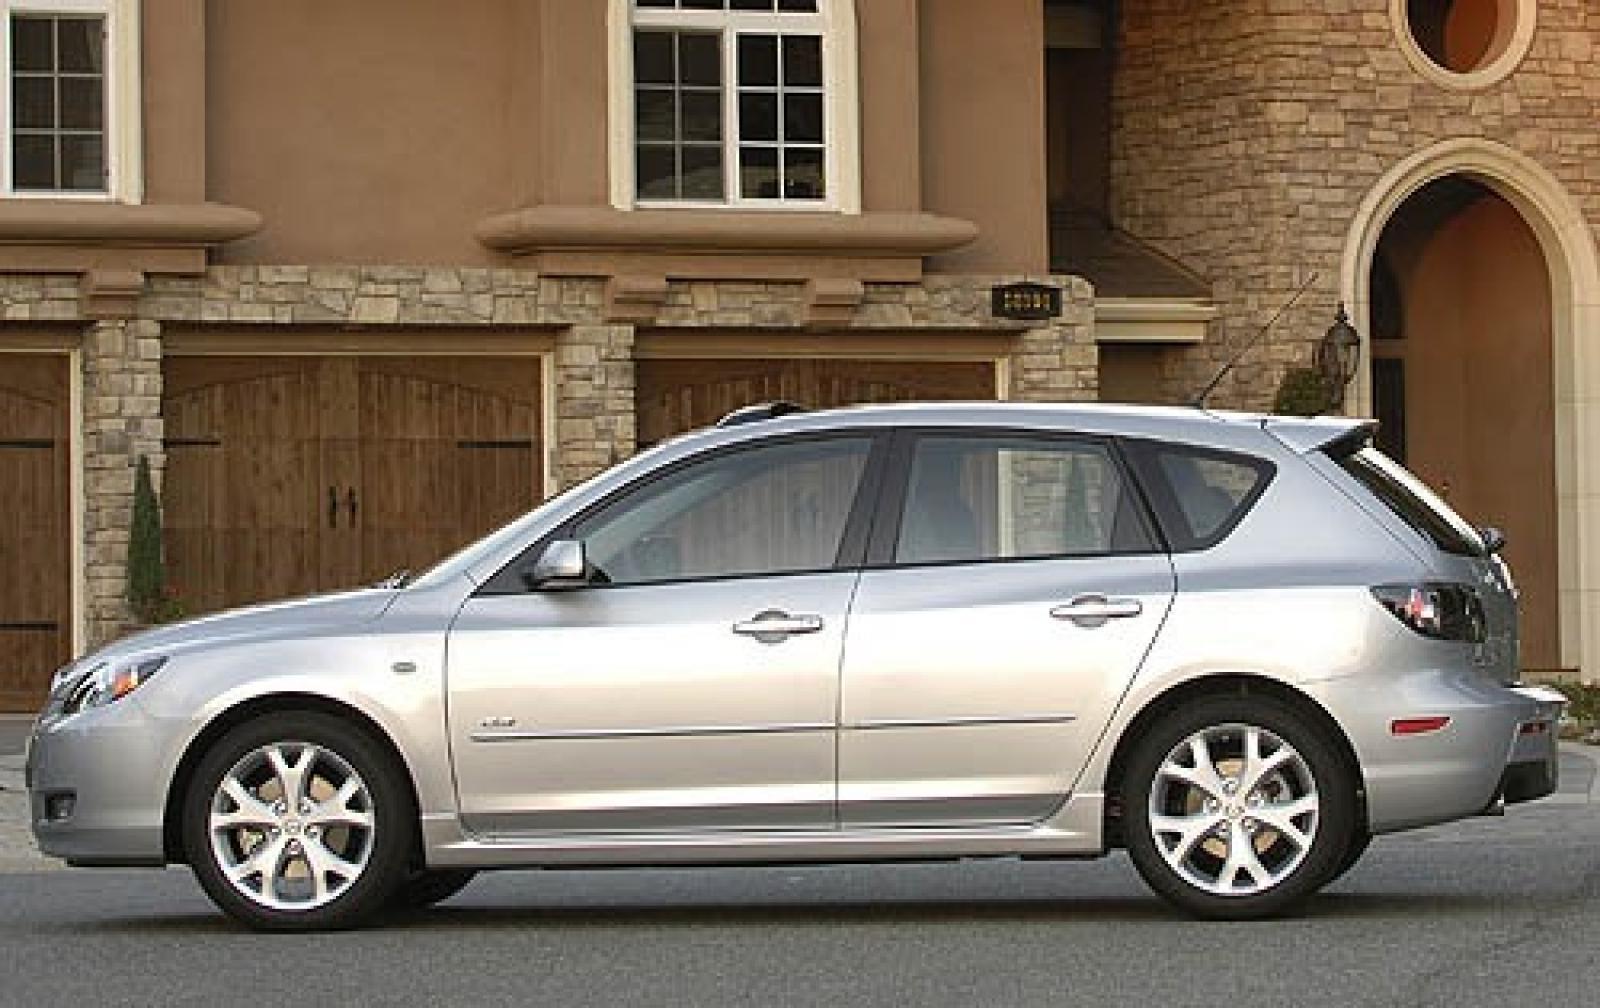 800 1024 1280 1600 Origin 2008 Mazda MAZDA3 ...